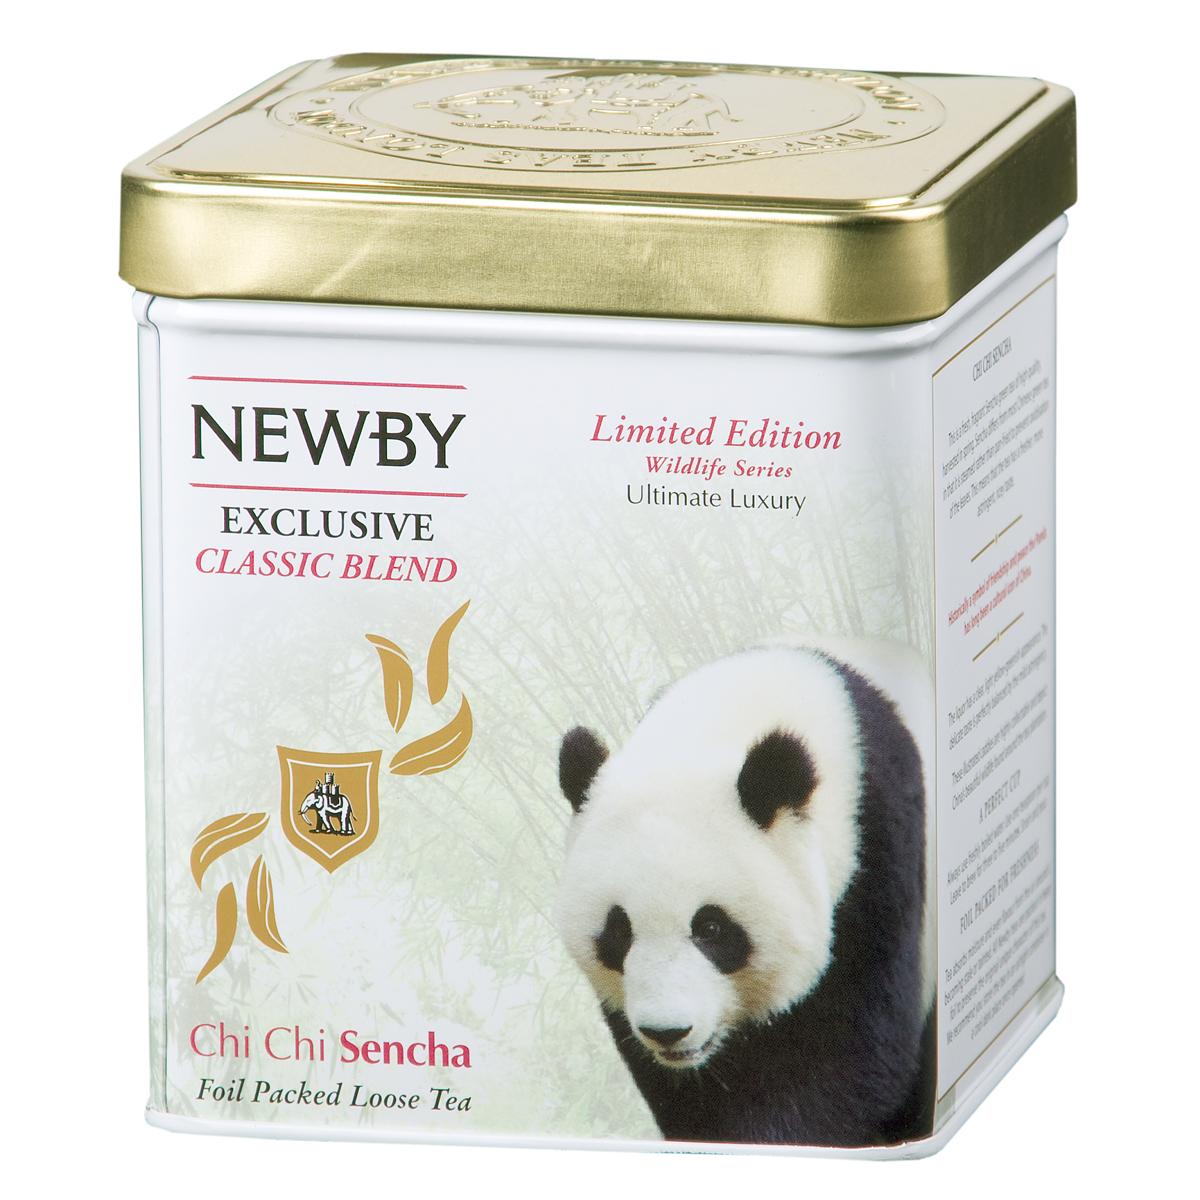 Newby Chi Chi Sencha зеленый листовой чай, 125 г131230Традиционный зеленый чай Newby Chi Chi Sencha весеннего сбора. Светлый настой со свежим рисовым ароматом. Панда Чи Чи - китайский символ мира и дружбы.